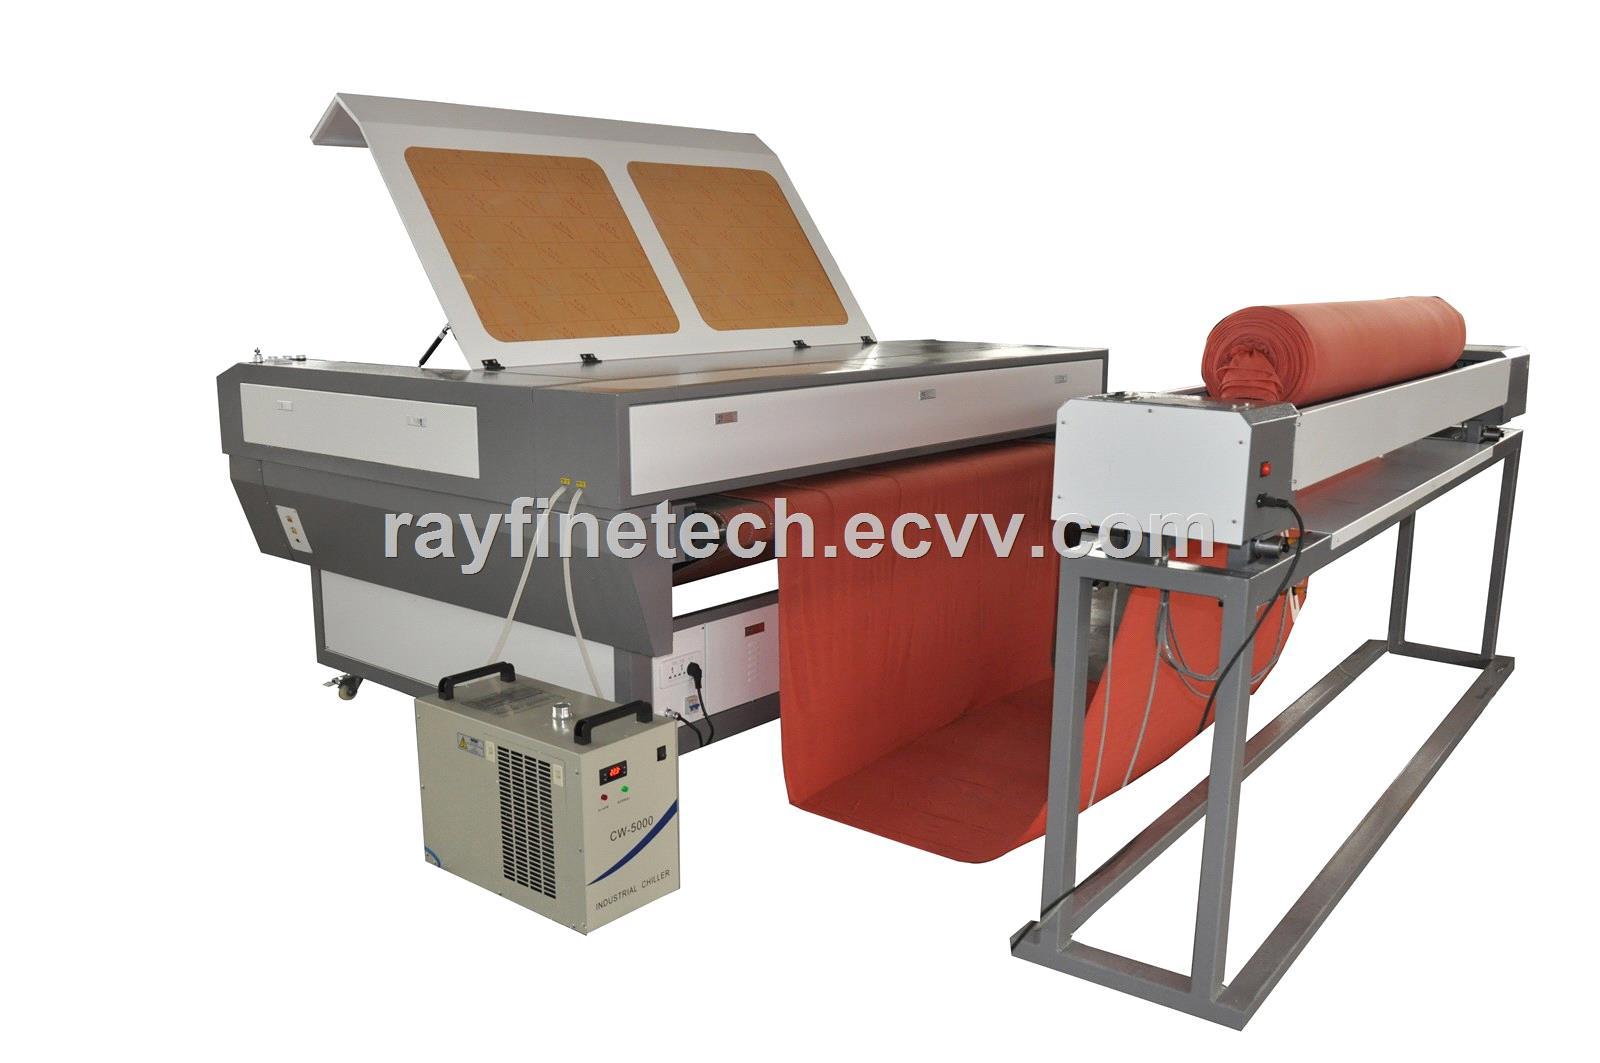 Auto Feeding Laser Cutting Machine RF-1610-CO2-60W